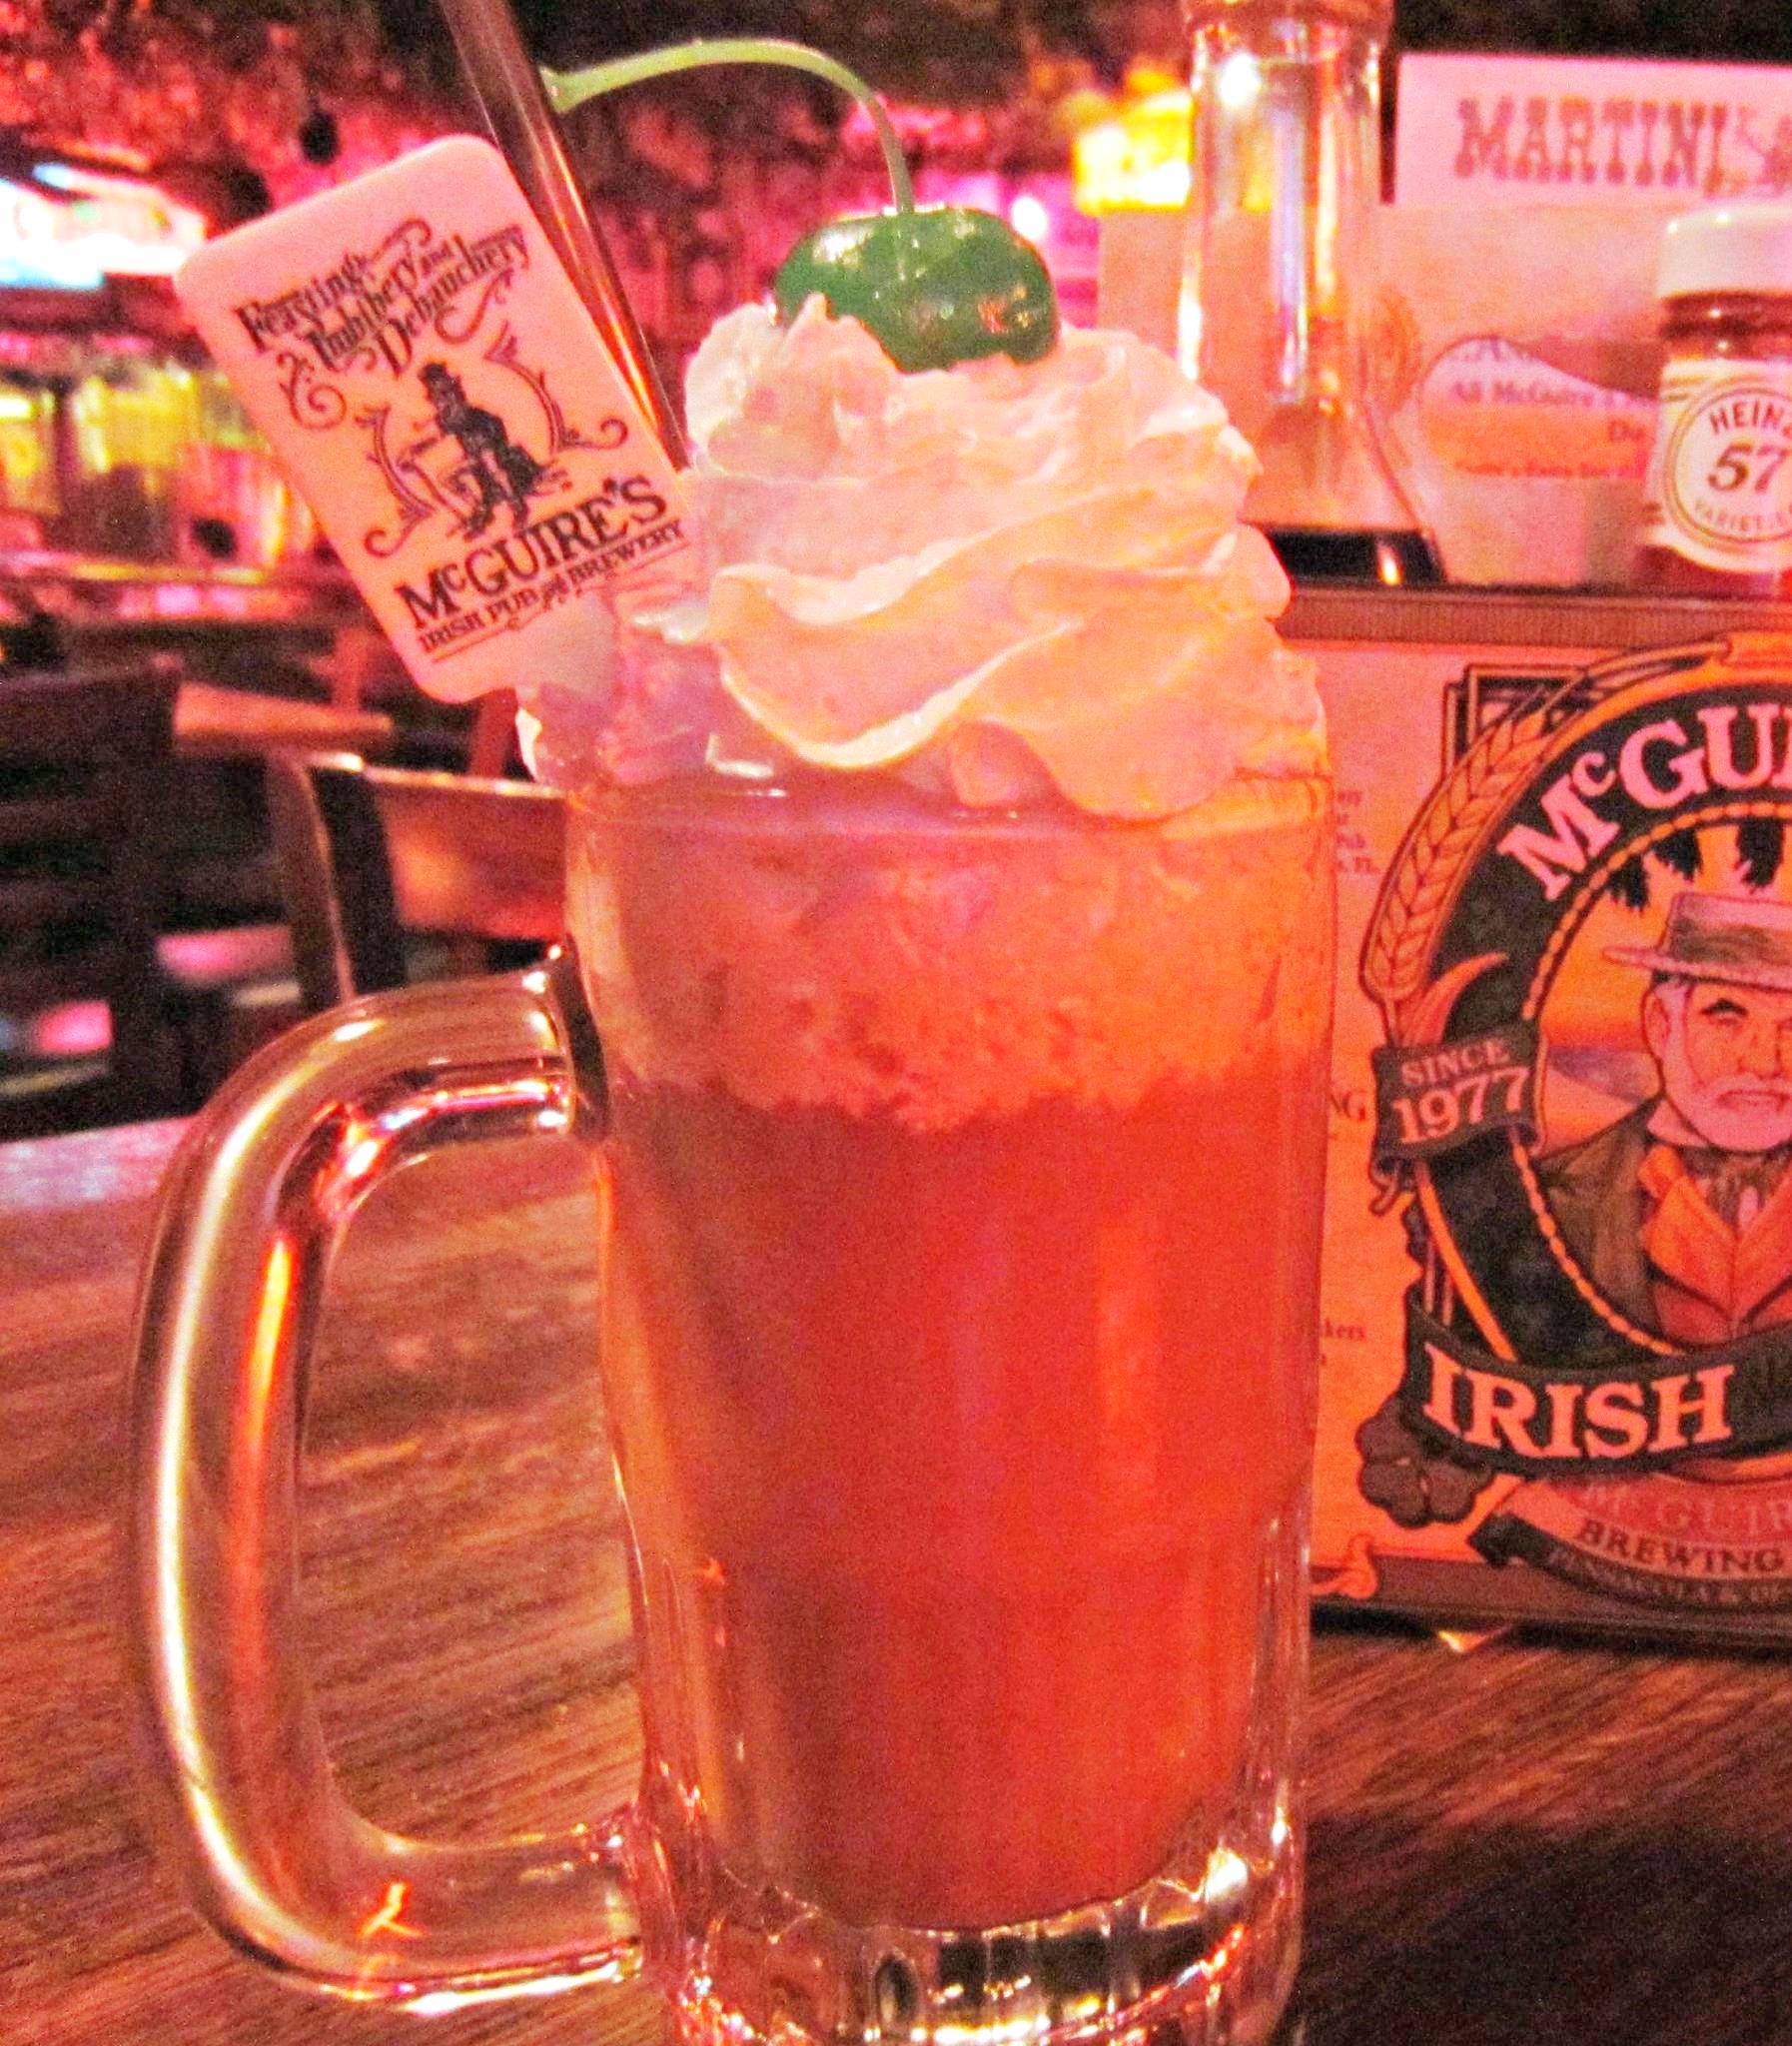 mcguire's pensacola irish coffee